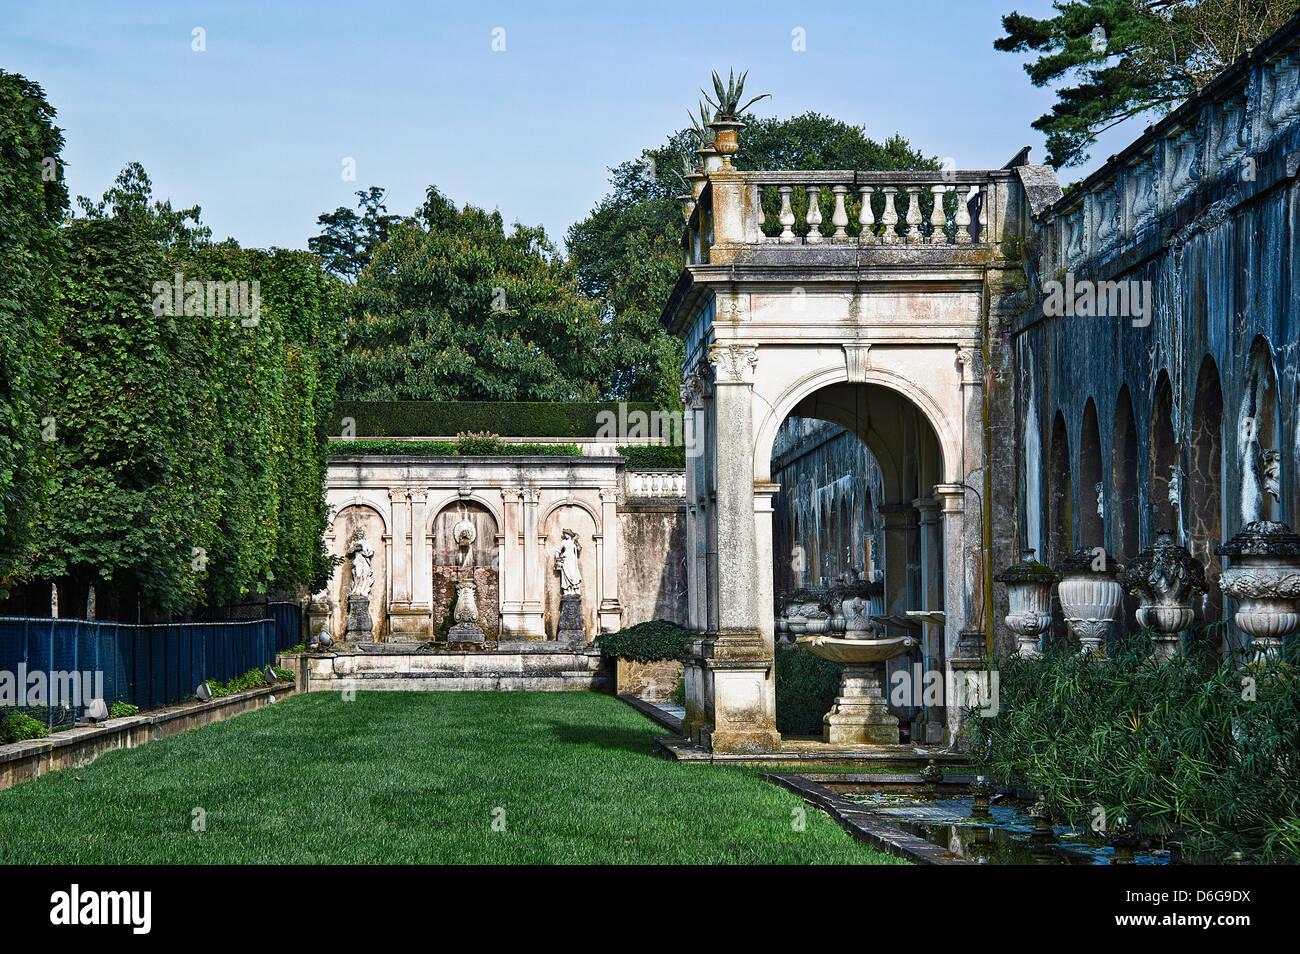 Fountain garden, Longwood Gardens, Pennsylvania, USA - Stock Image